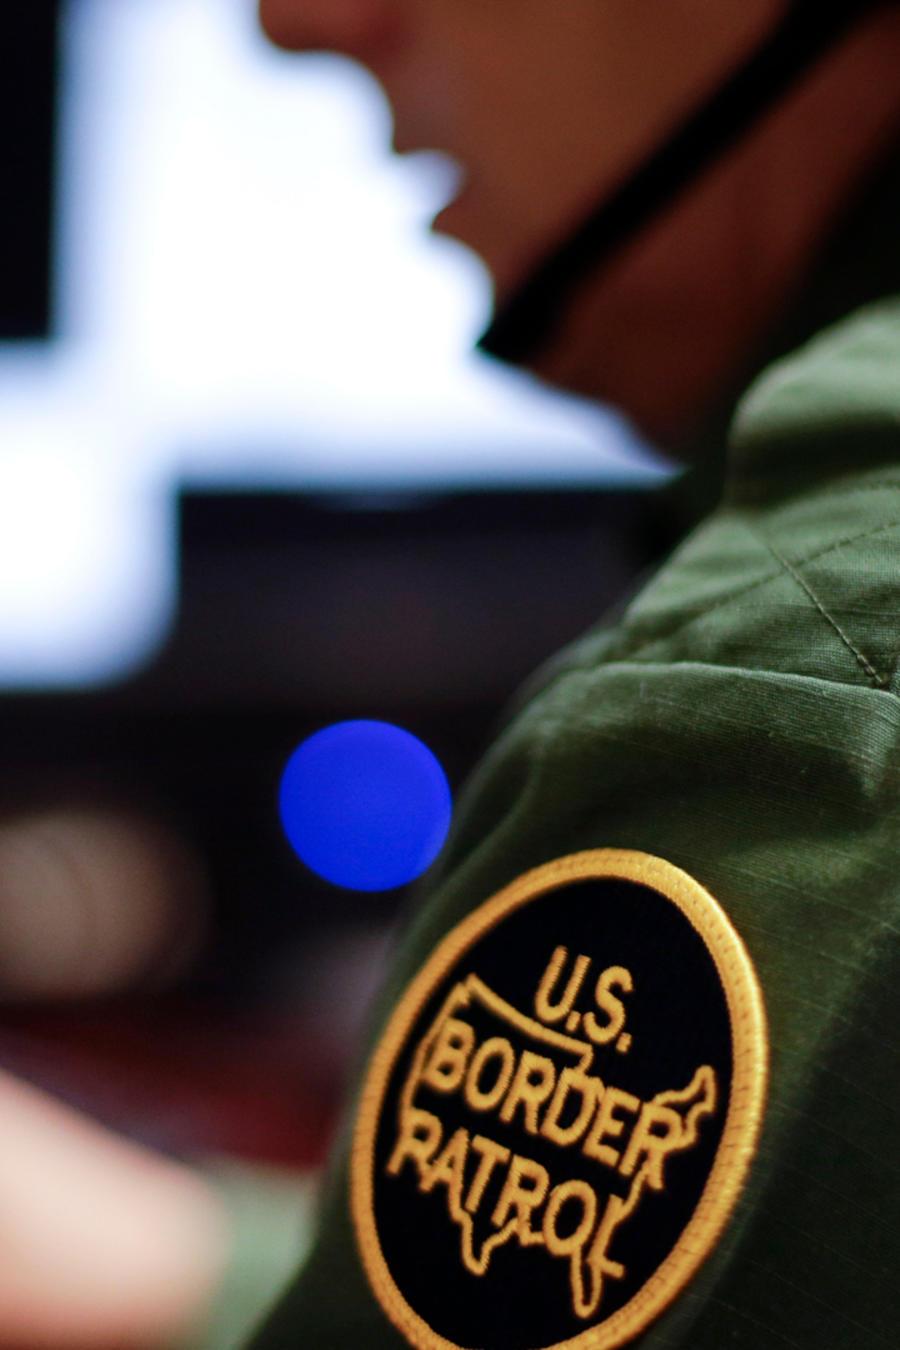 Un agente de la Patrulla Fronteriza, en una imagen de archivo.